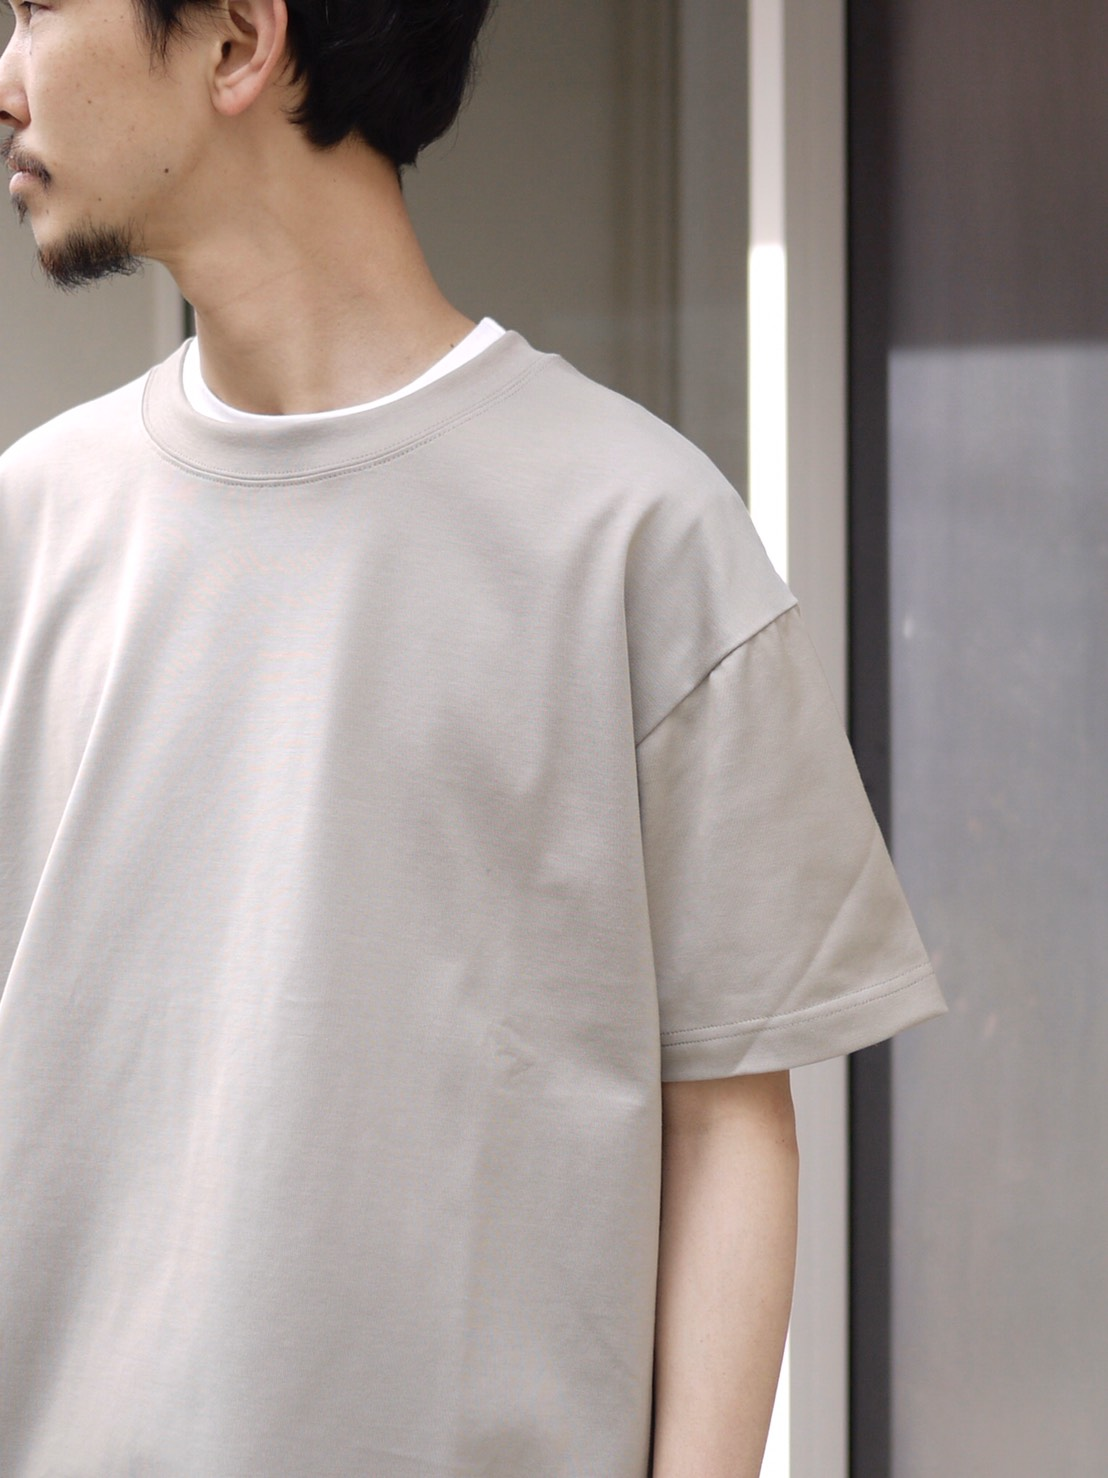 roundabout / S/S Overlap T-Shirt グレージュ